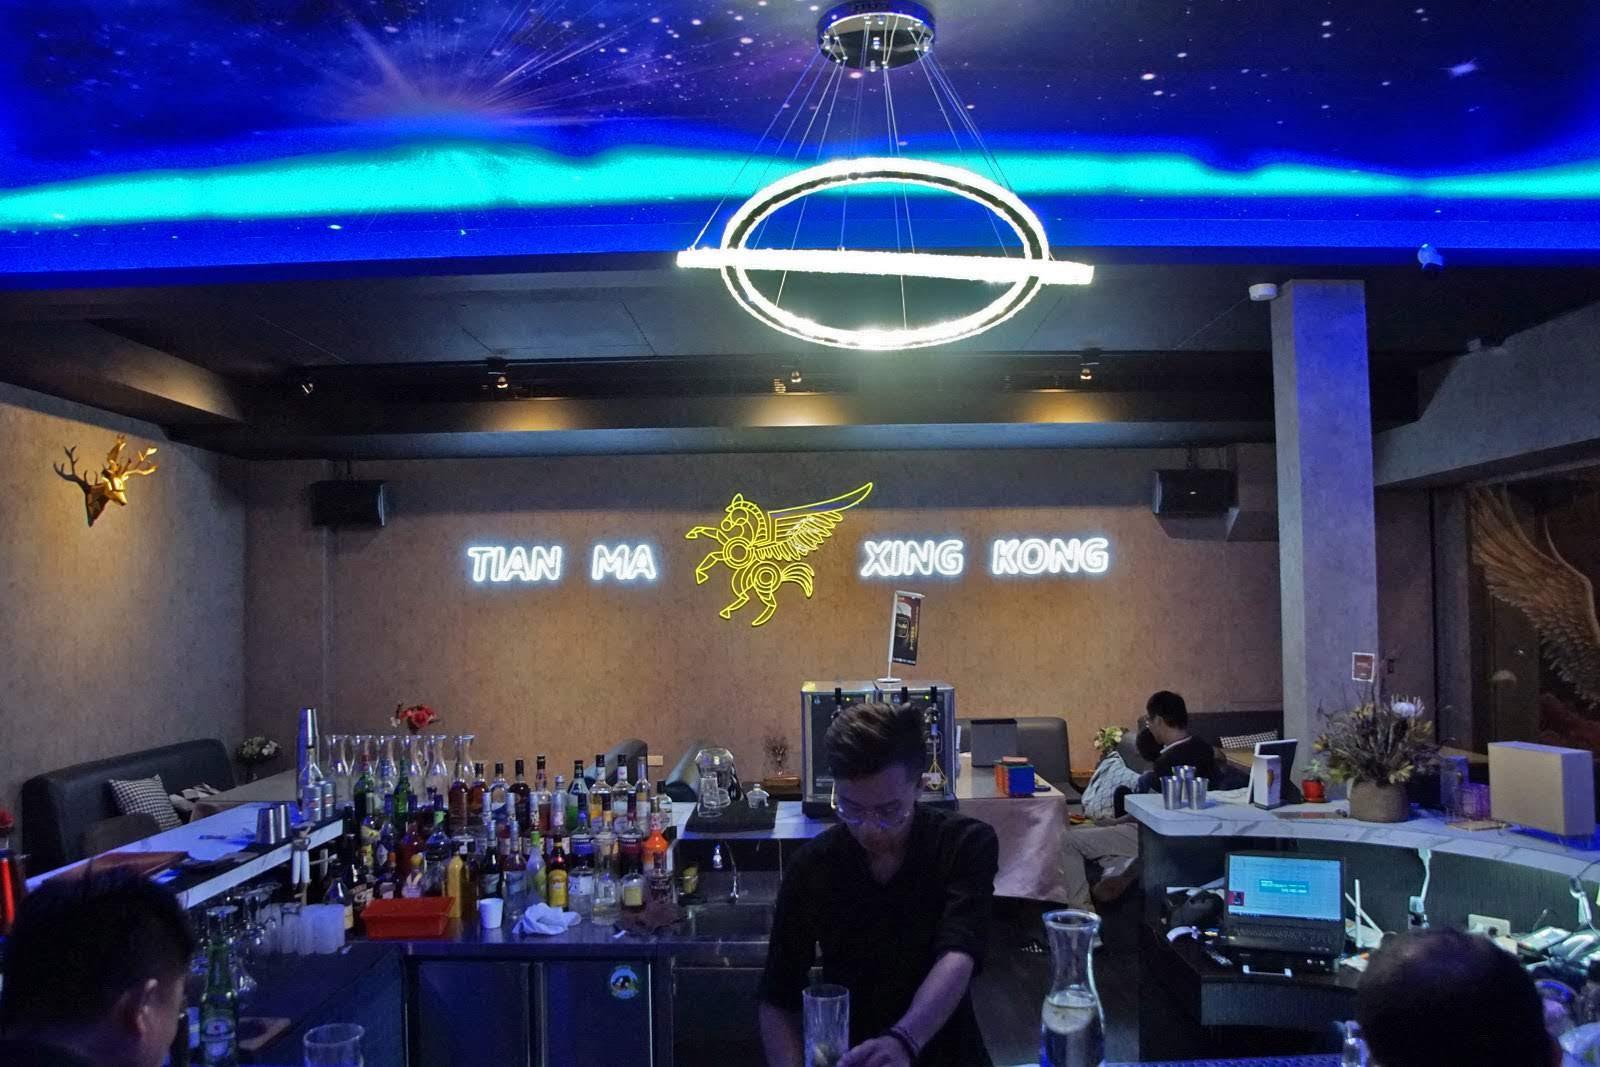 [台南][安平區] 天馬星空餐酒館|Tian Ma Xing Kong|泰式料理|波士頓龍蝦|食記